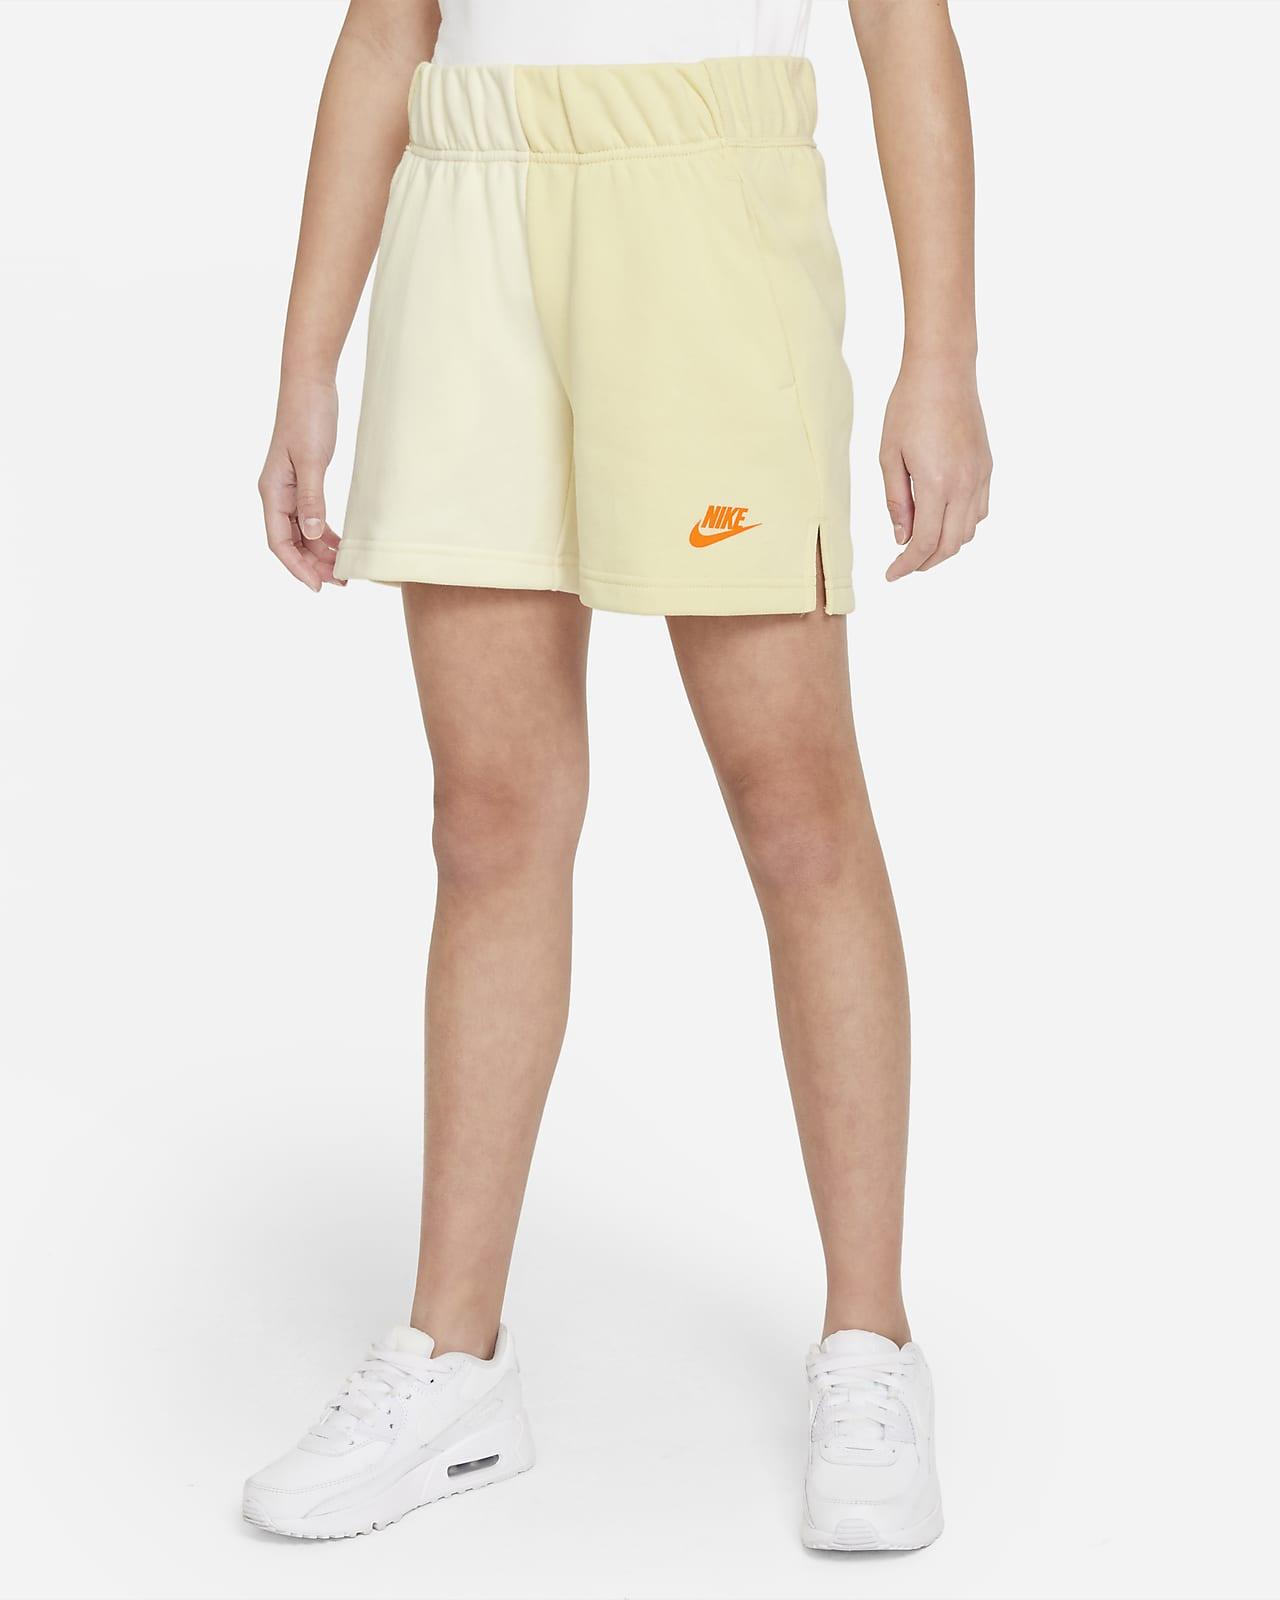 Σορτς από ύφασμα French Terry Nike Sportswear για μεγάλα κορίτσια